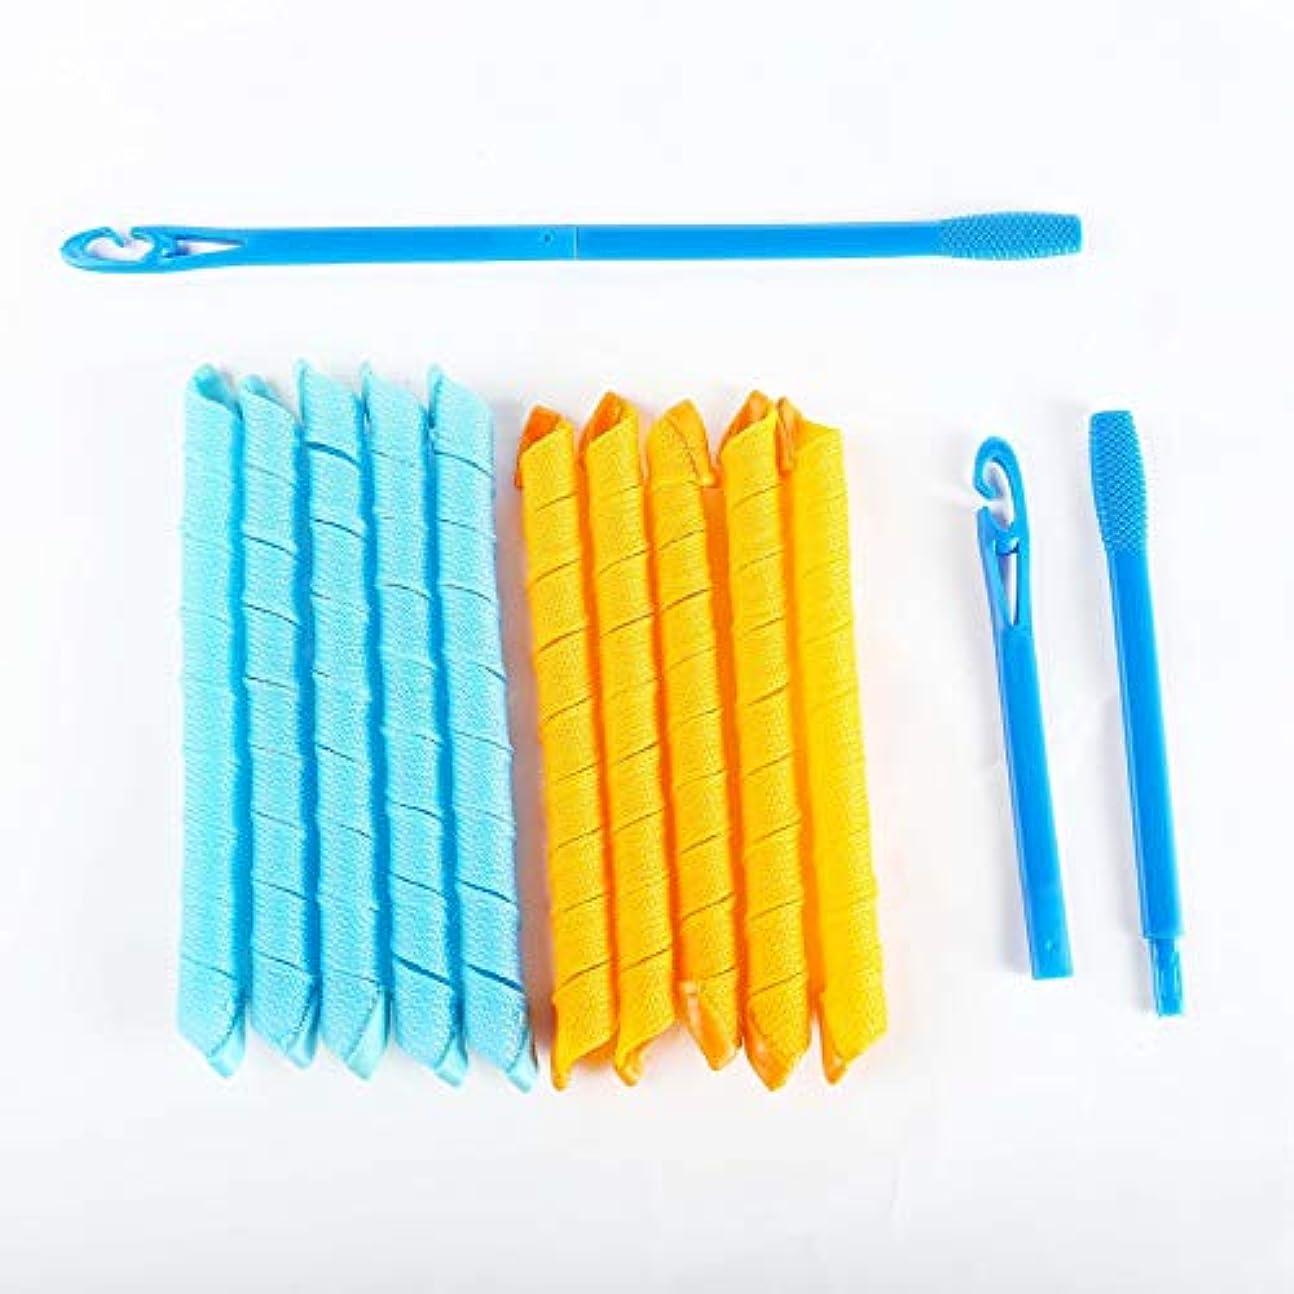 精緻化関係する冷凍庫AFAEF HOME 髪カーラースパイラルカール、29インチ(74センチ)の長に、超長い髪アップのための18本のノーヒート髪カーラー